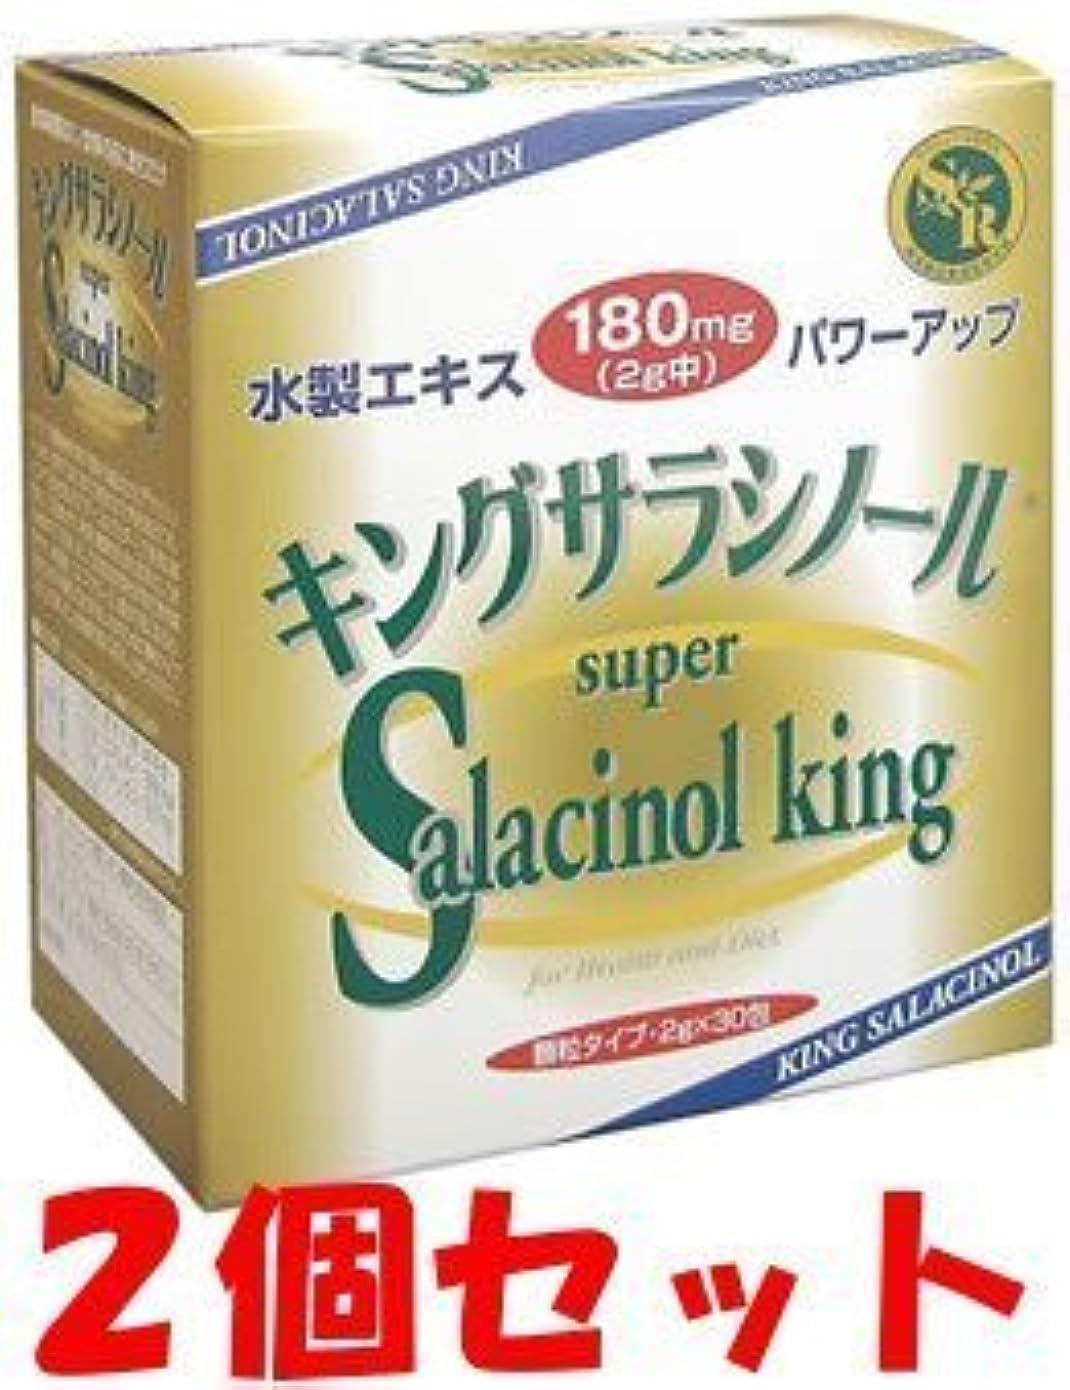 【2個セット】キングサラシノール 30包